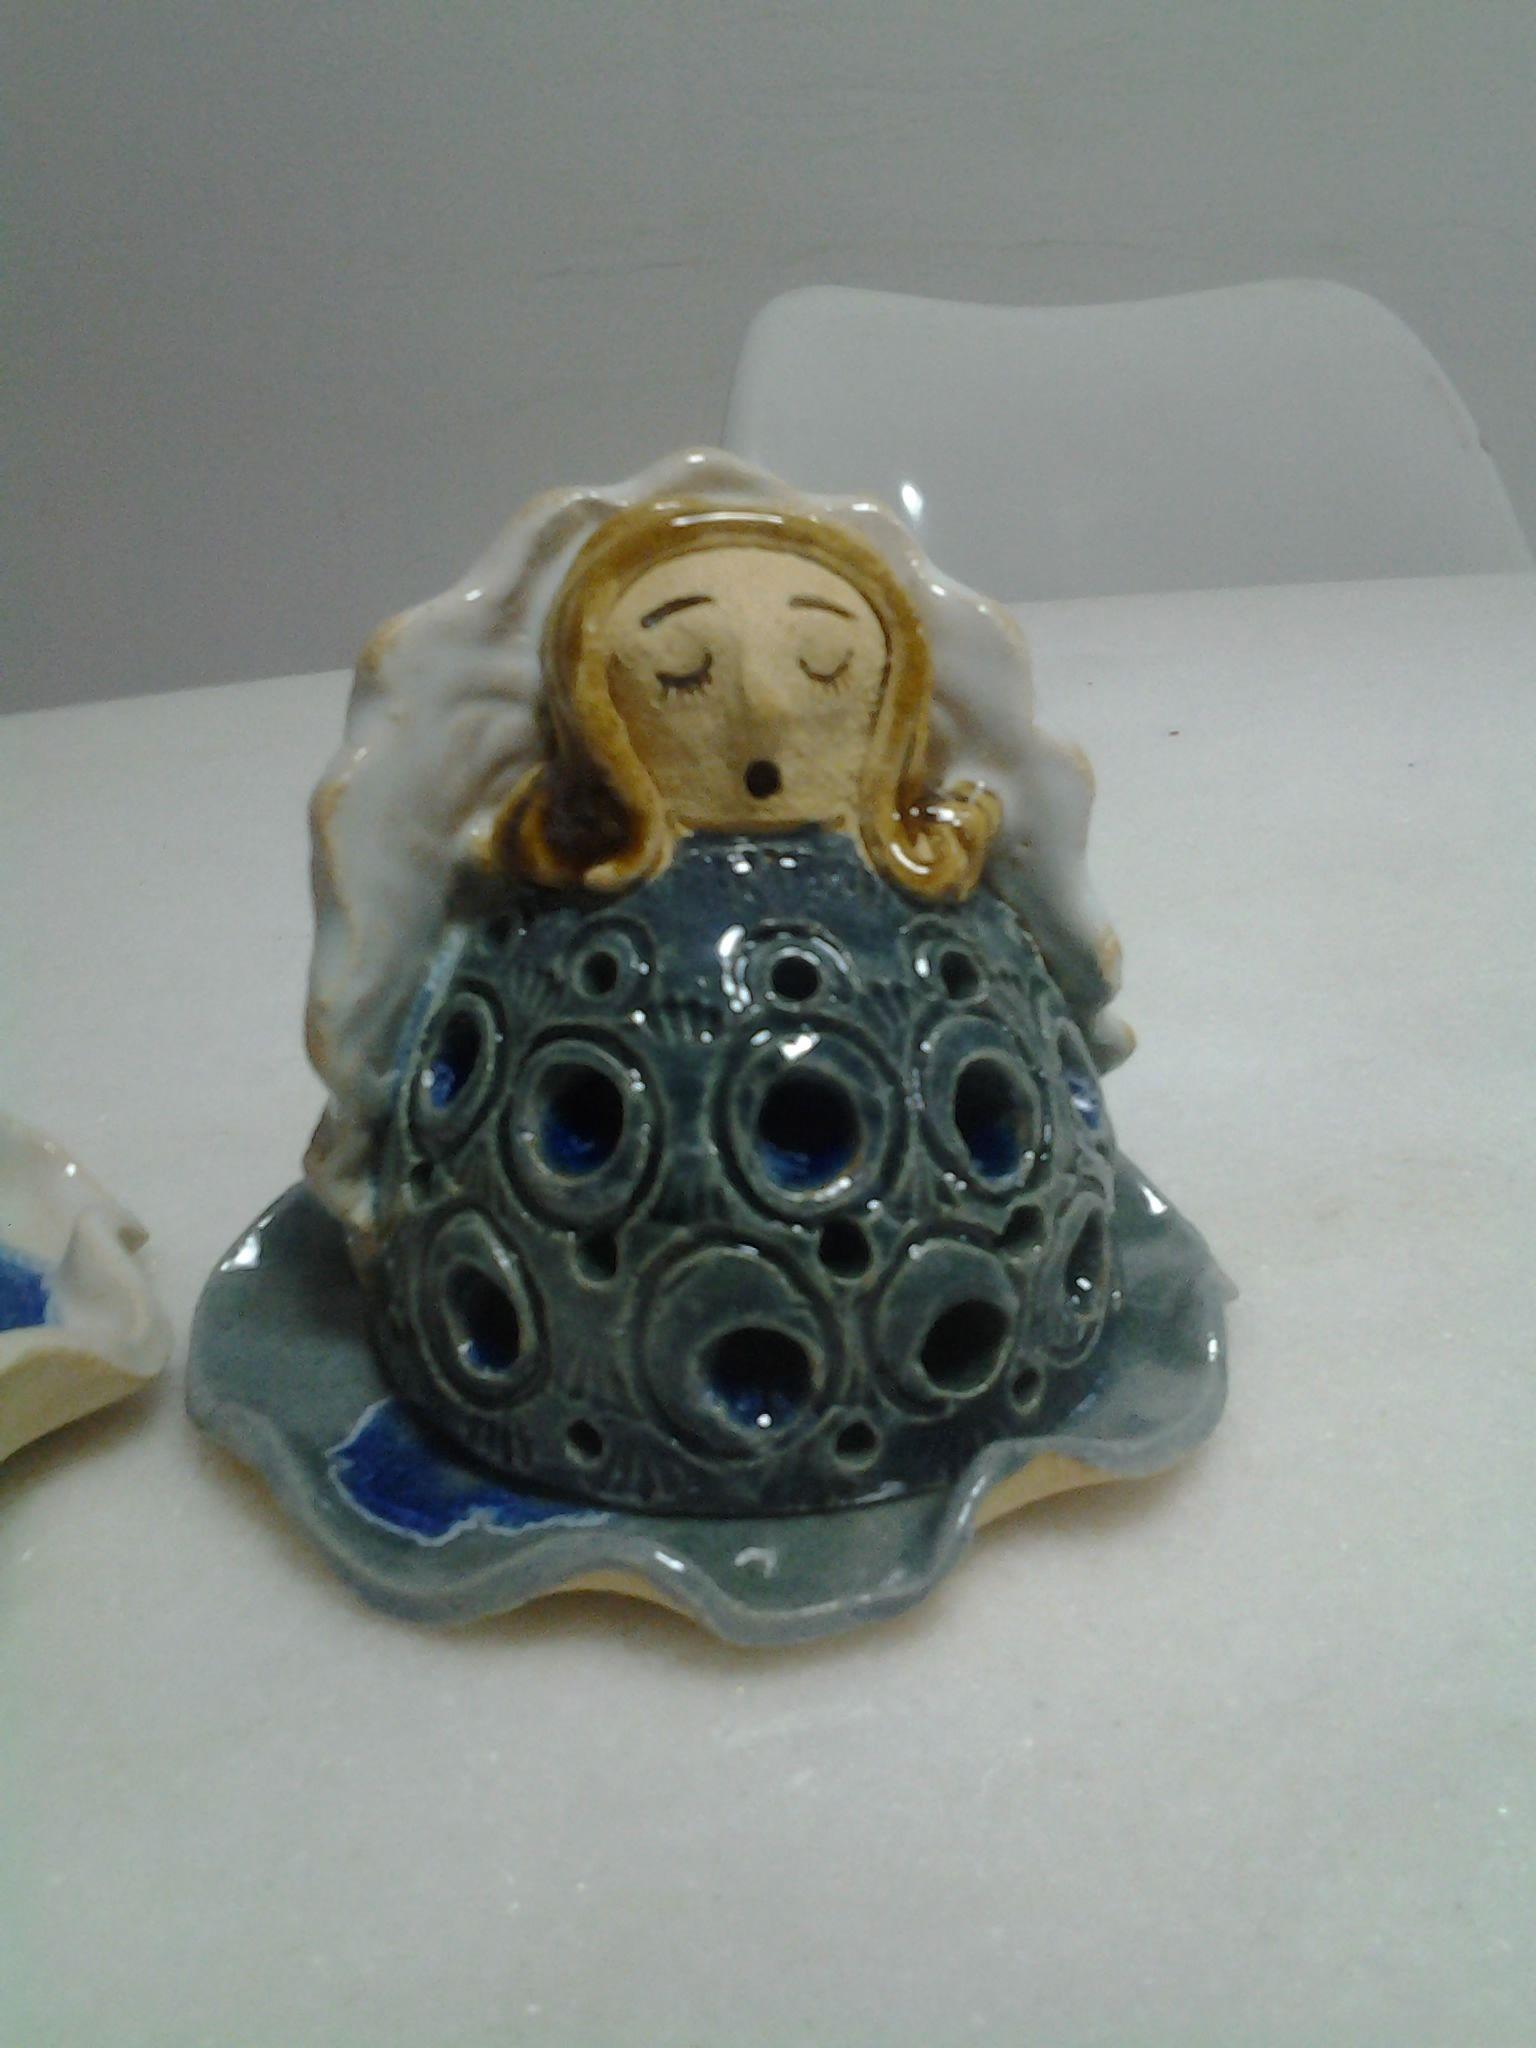 Anjinho de cerâmica, é uma luminária, pode-se colocar uma velinha no pratinho.